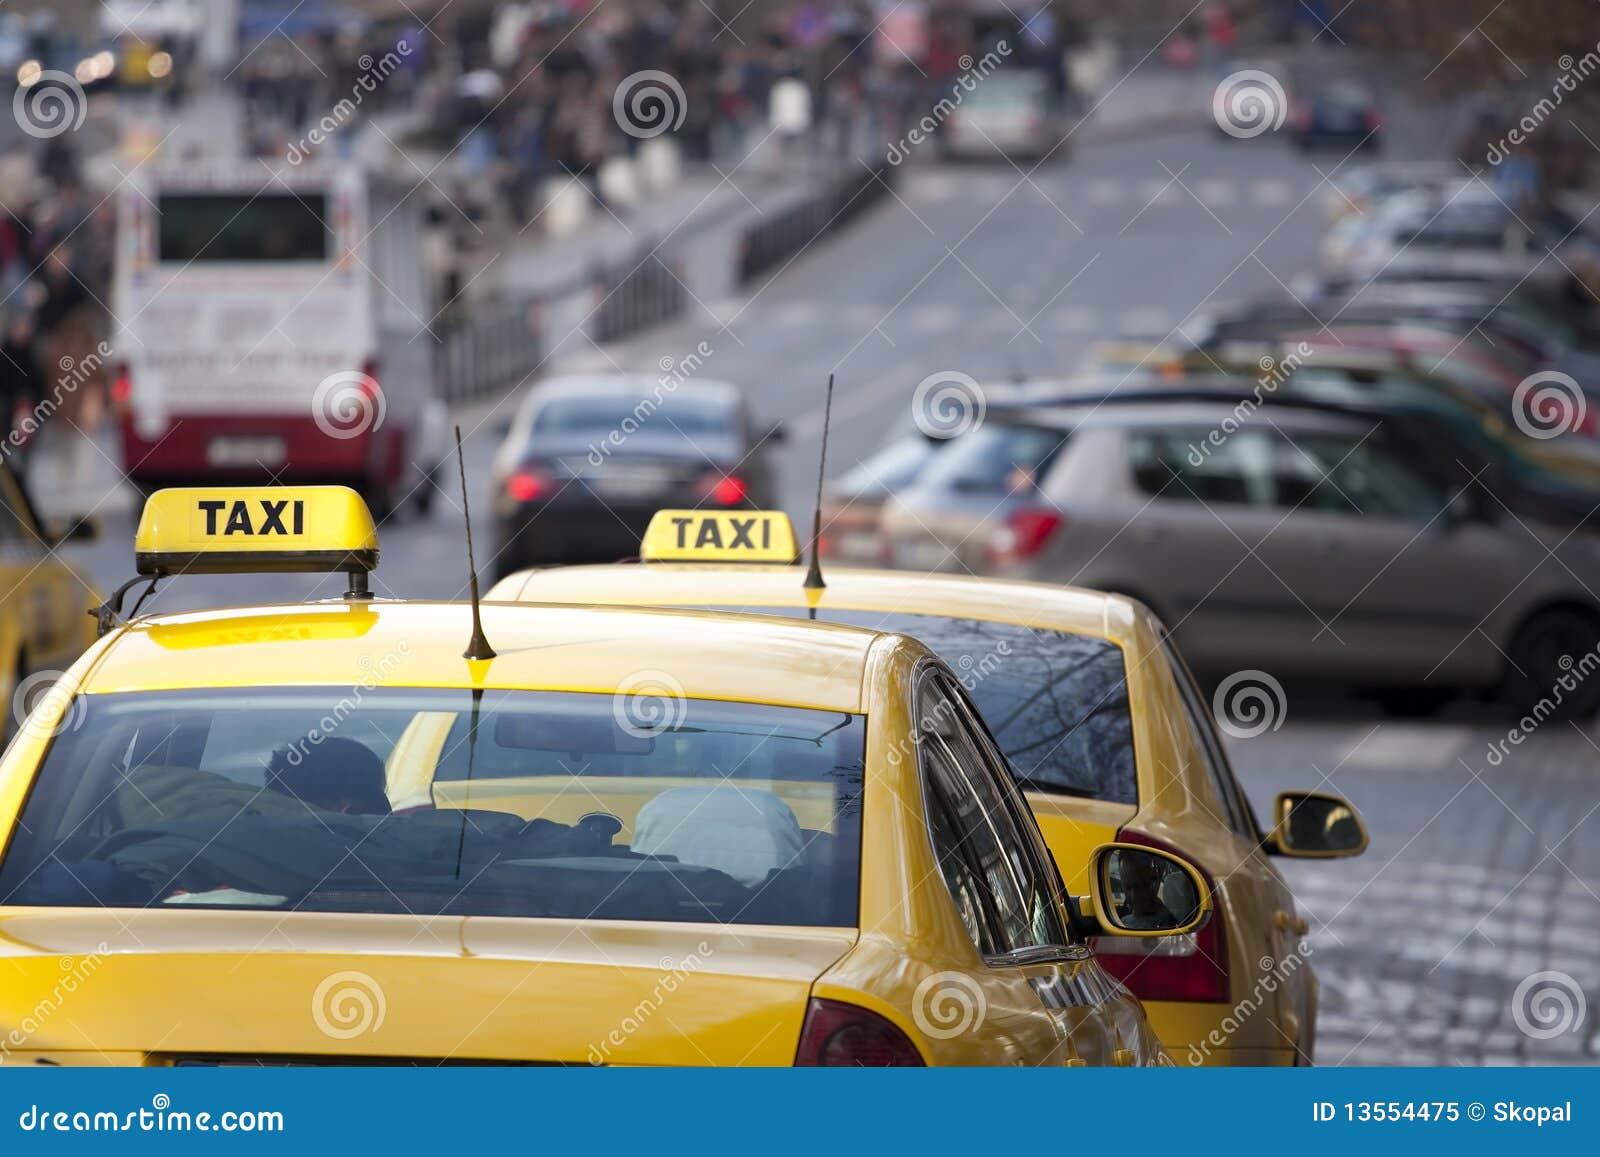 С диспетчером такси порно 14 фотография